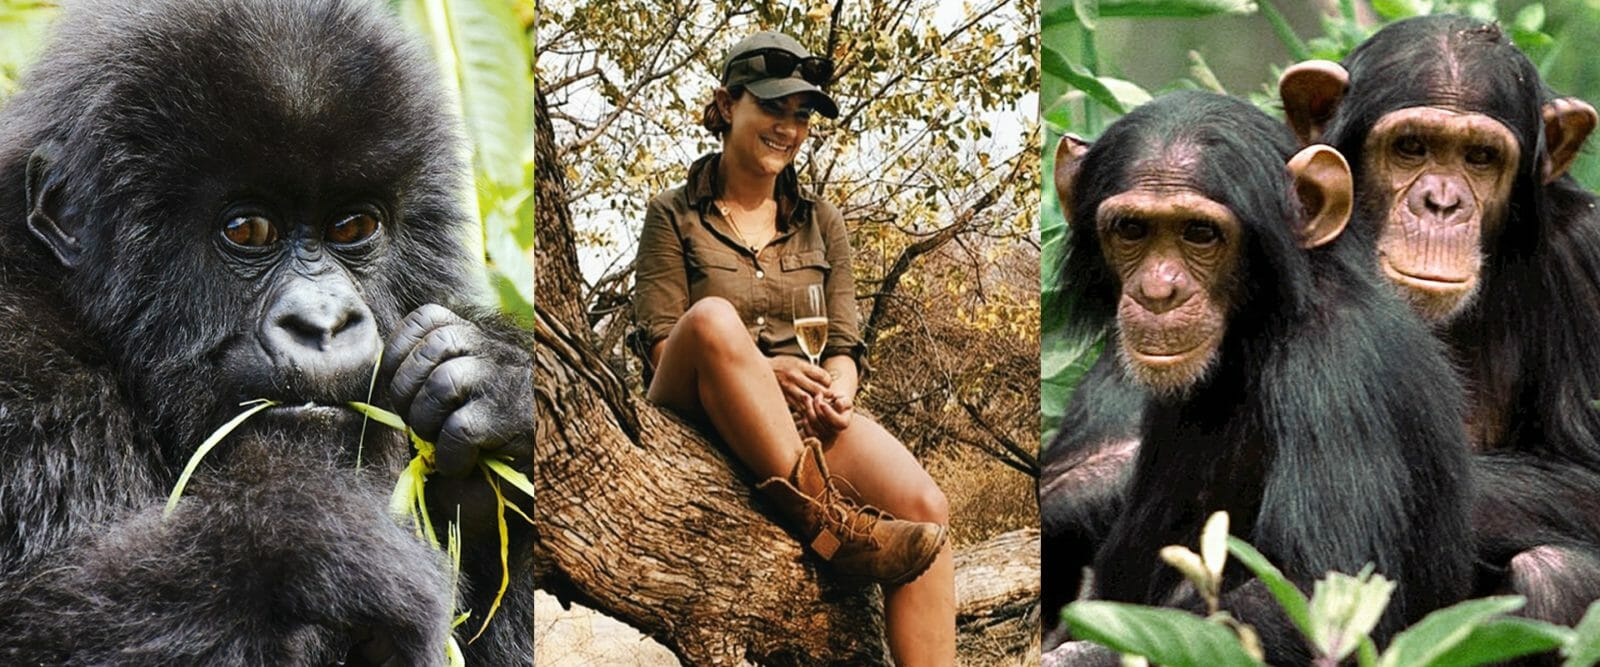 Gorilla Trekkeng Safari Danni